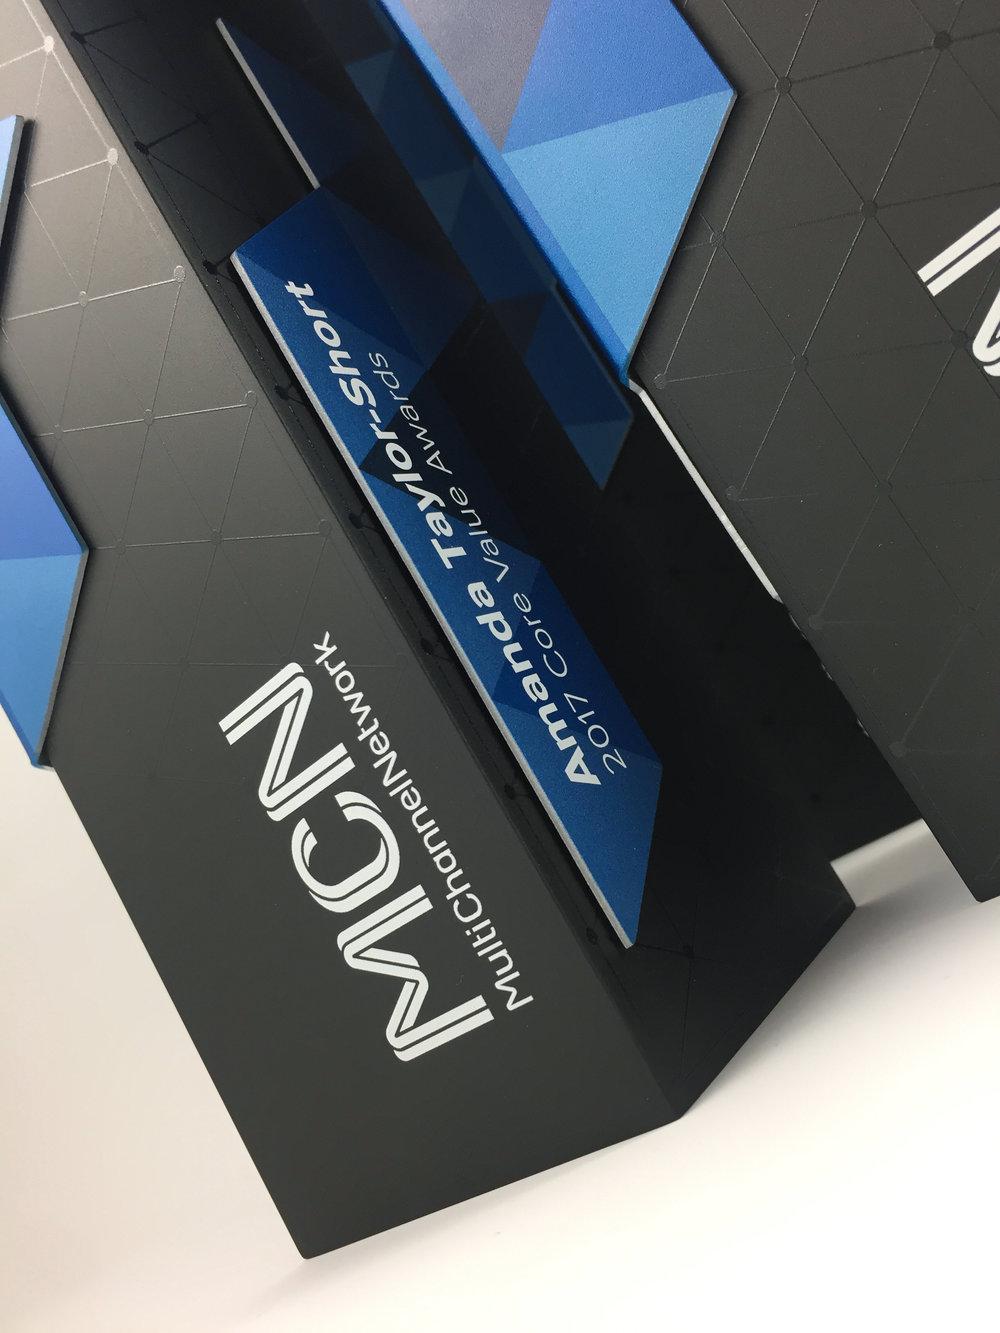 MCN-eco-aluminium-trophy-award-04.jpg